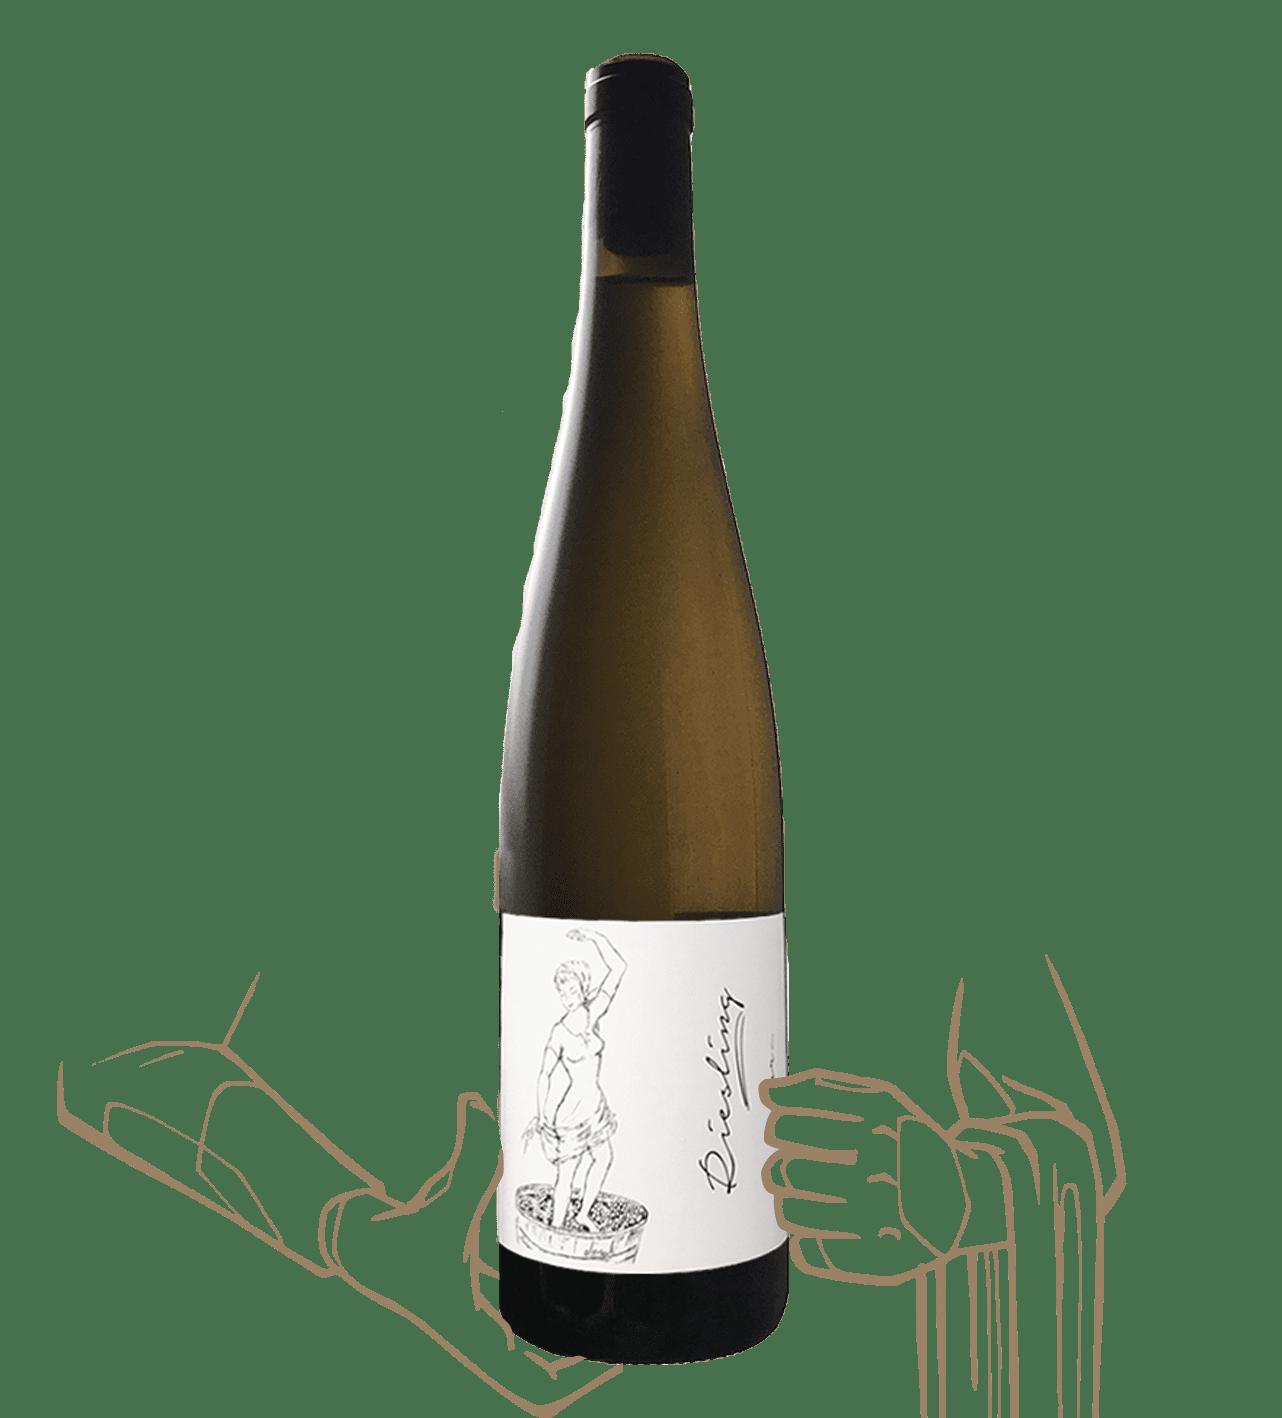 Riesling de Brand Bros, vin naturel d'Allemagne